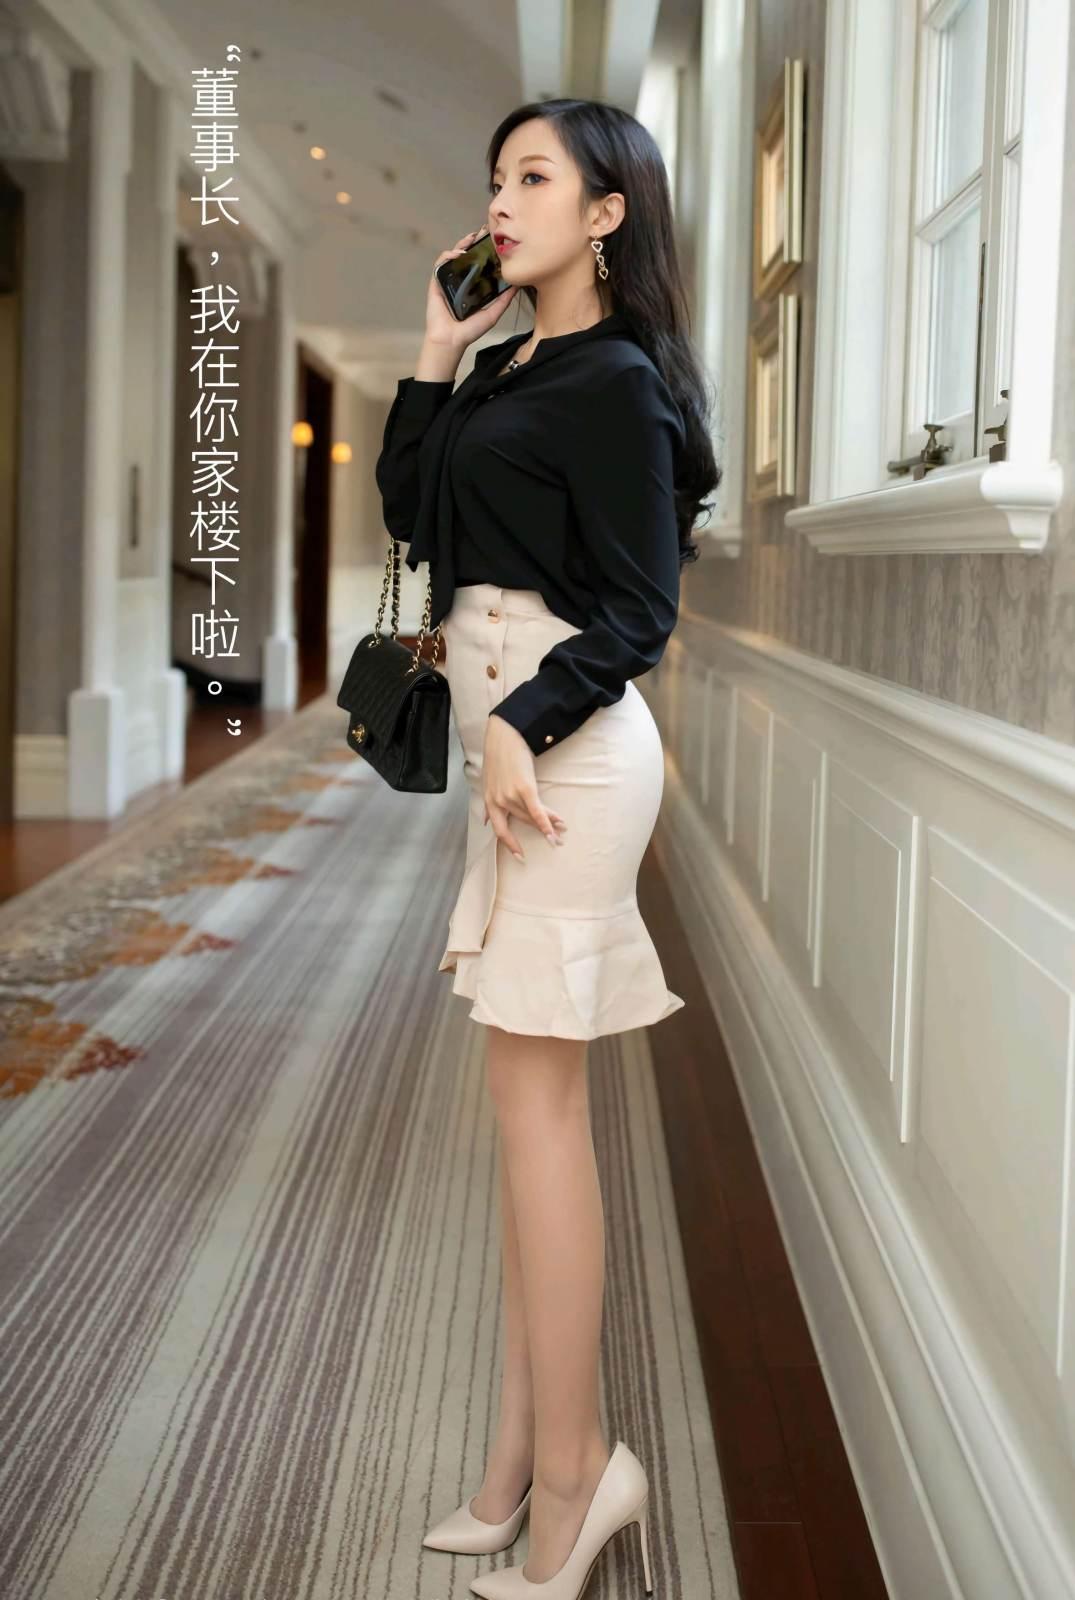 第192期上门拜访董事长陈小喵(丝袜,肉丝,高跟)_图片3